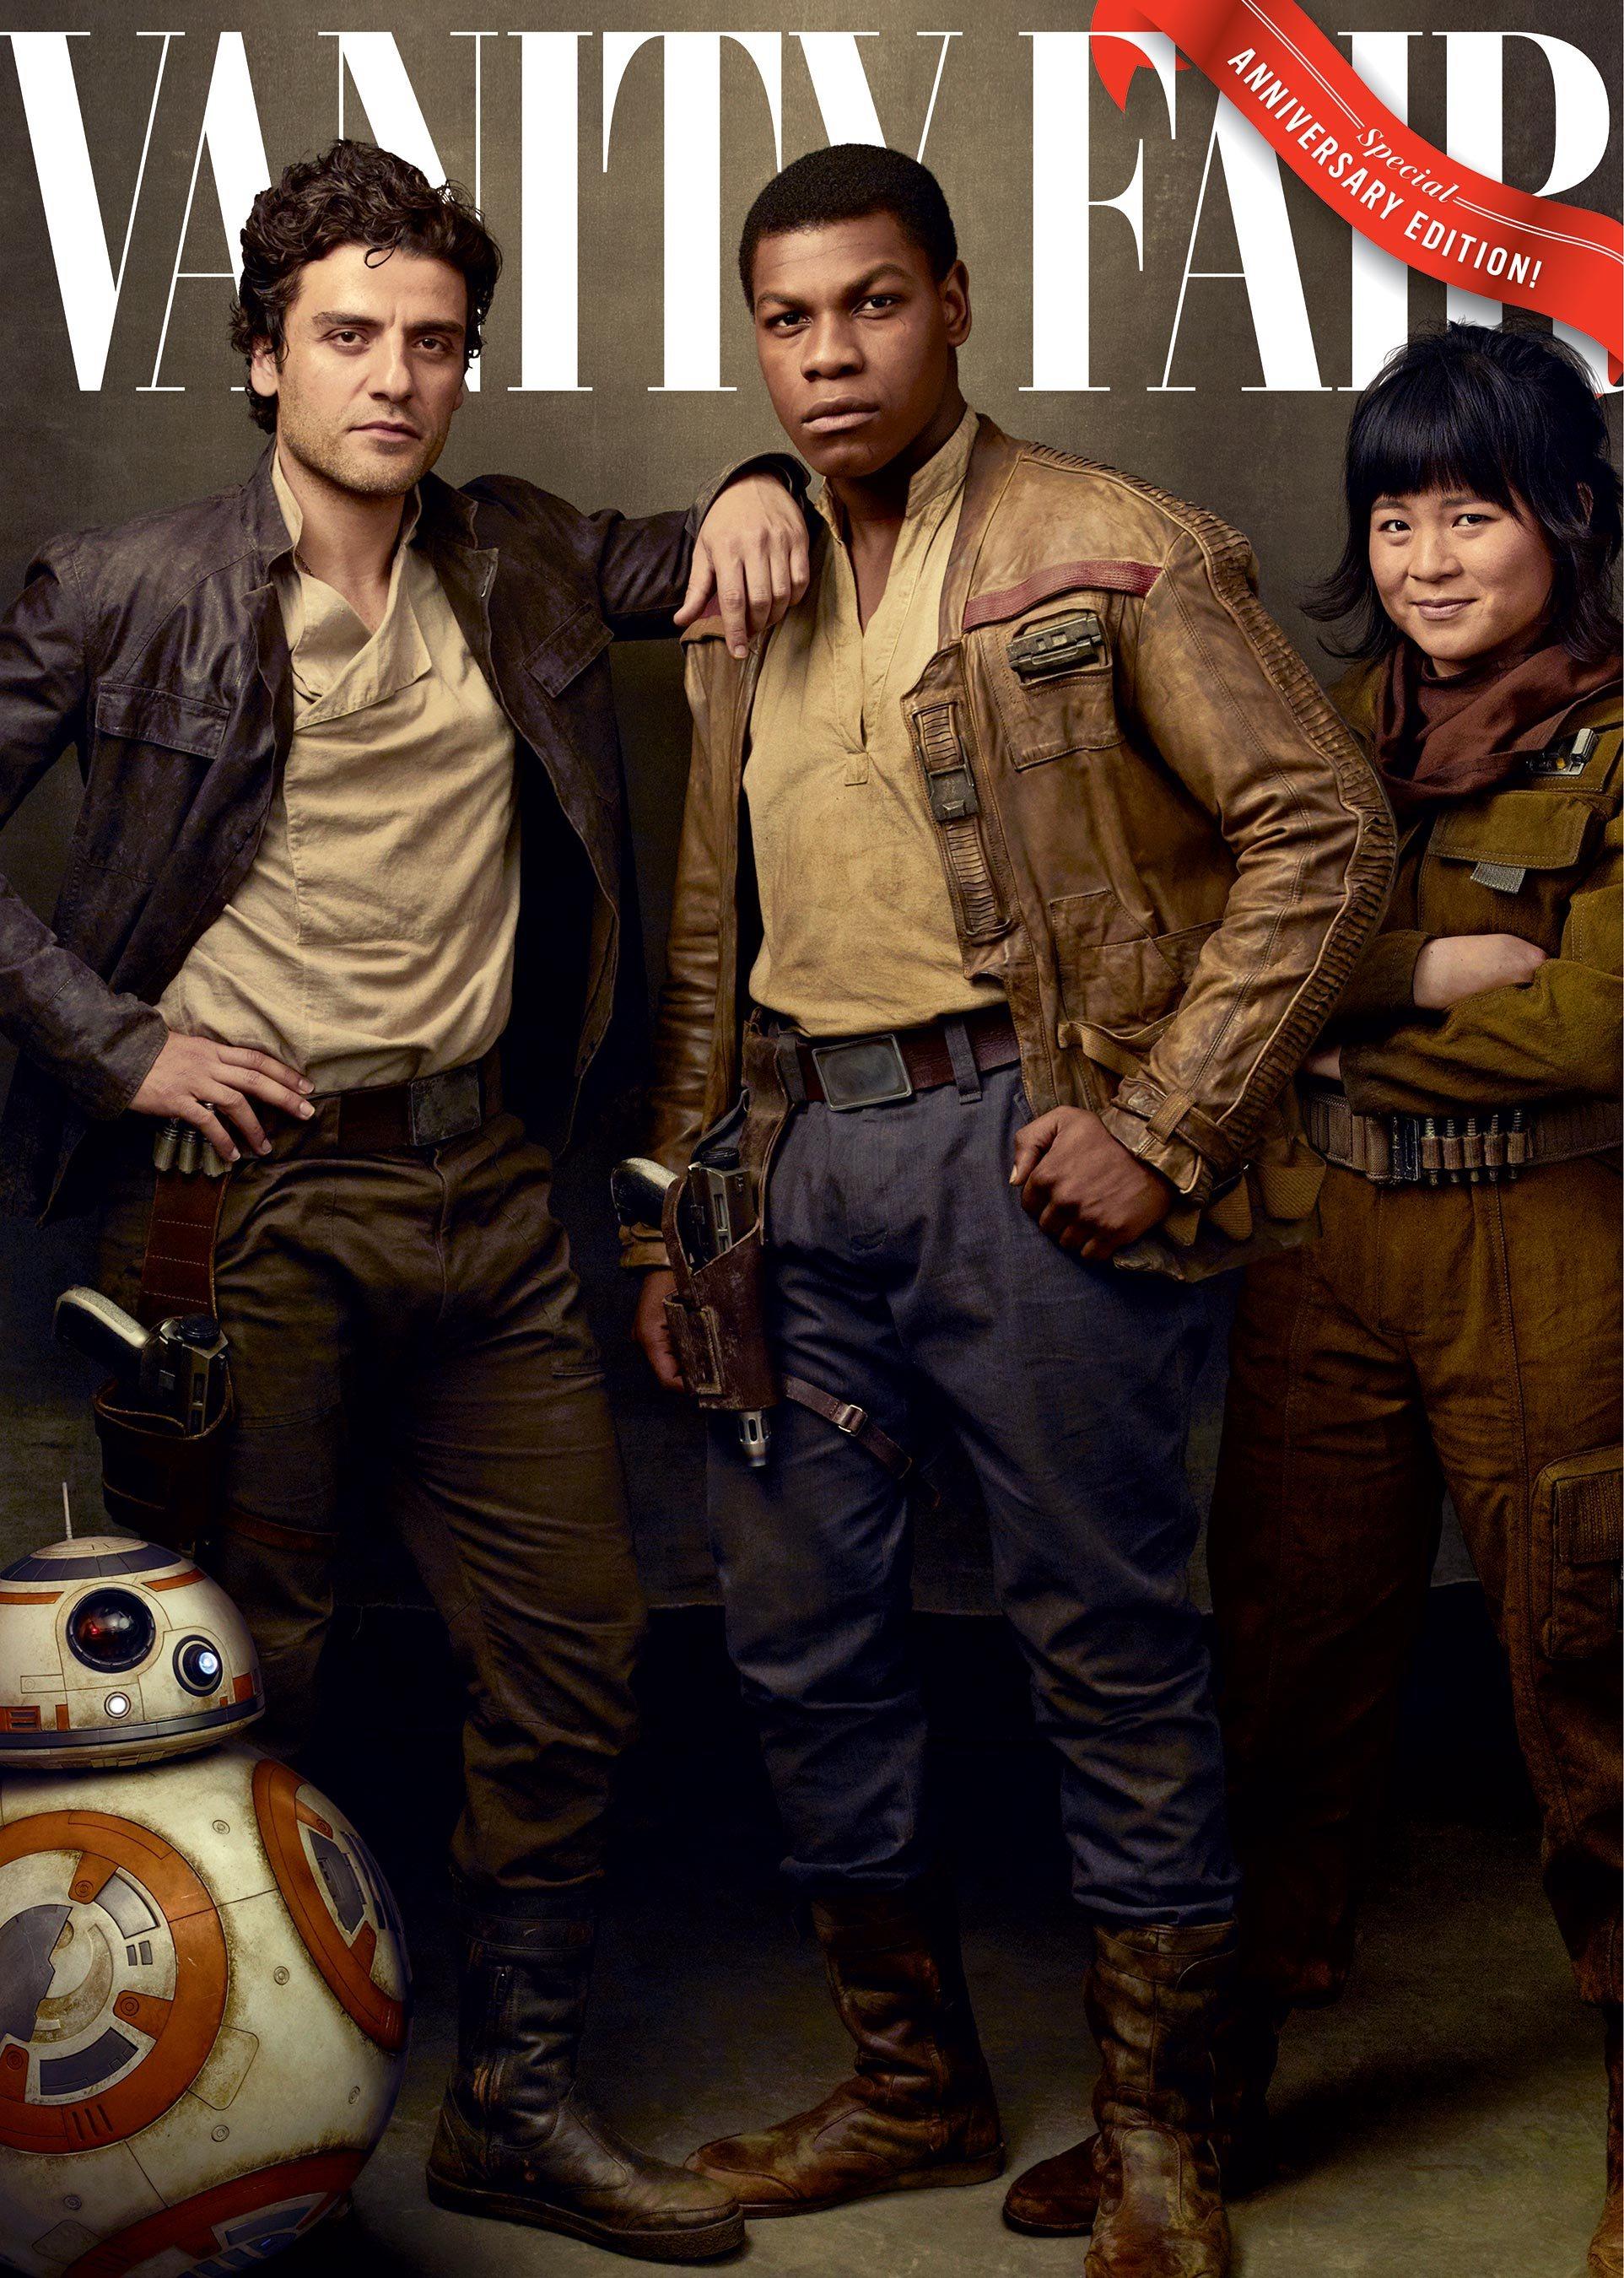 Gli ultimi Jedi: una delle copertine di Vanity Fair